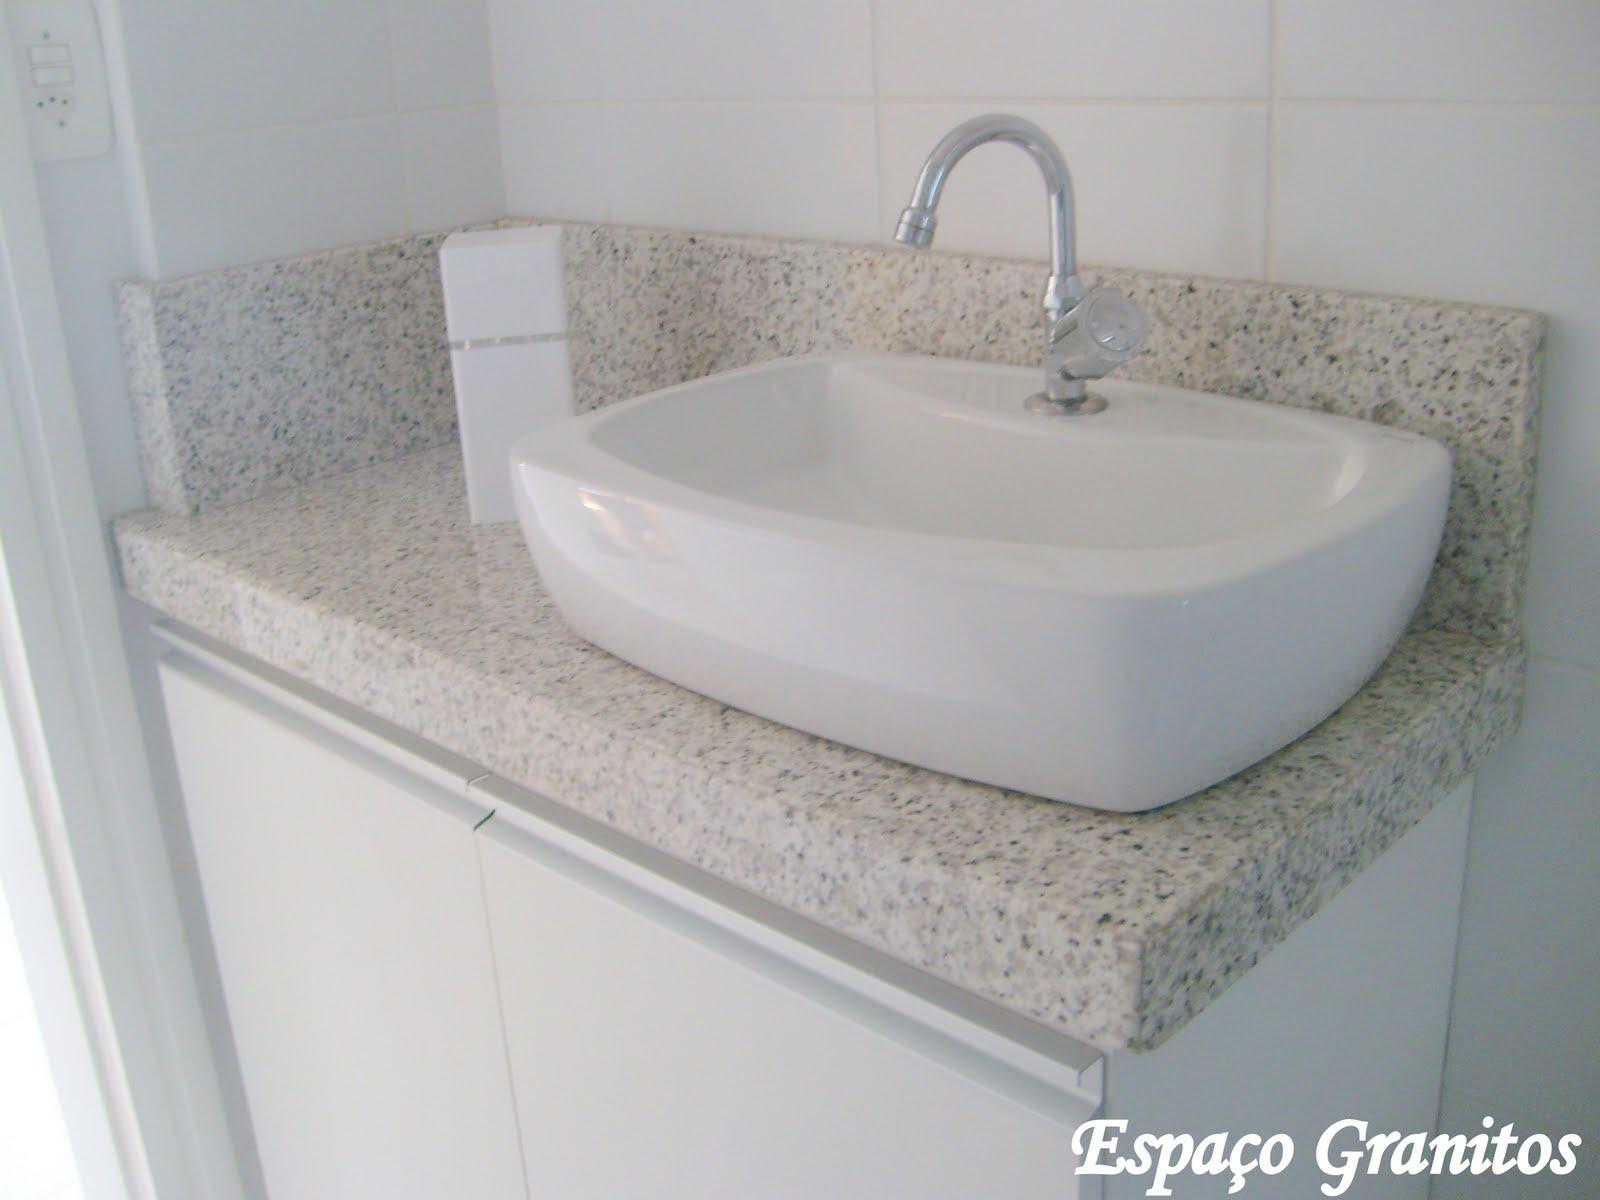 Banheiro Granito Branco Dallas Pictures #5B5E51 1600x1200 Banheiro Com Granito Branco